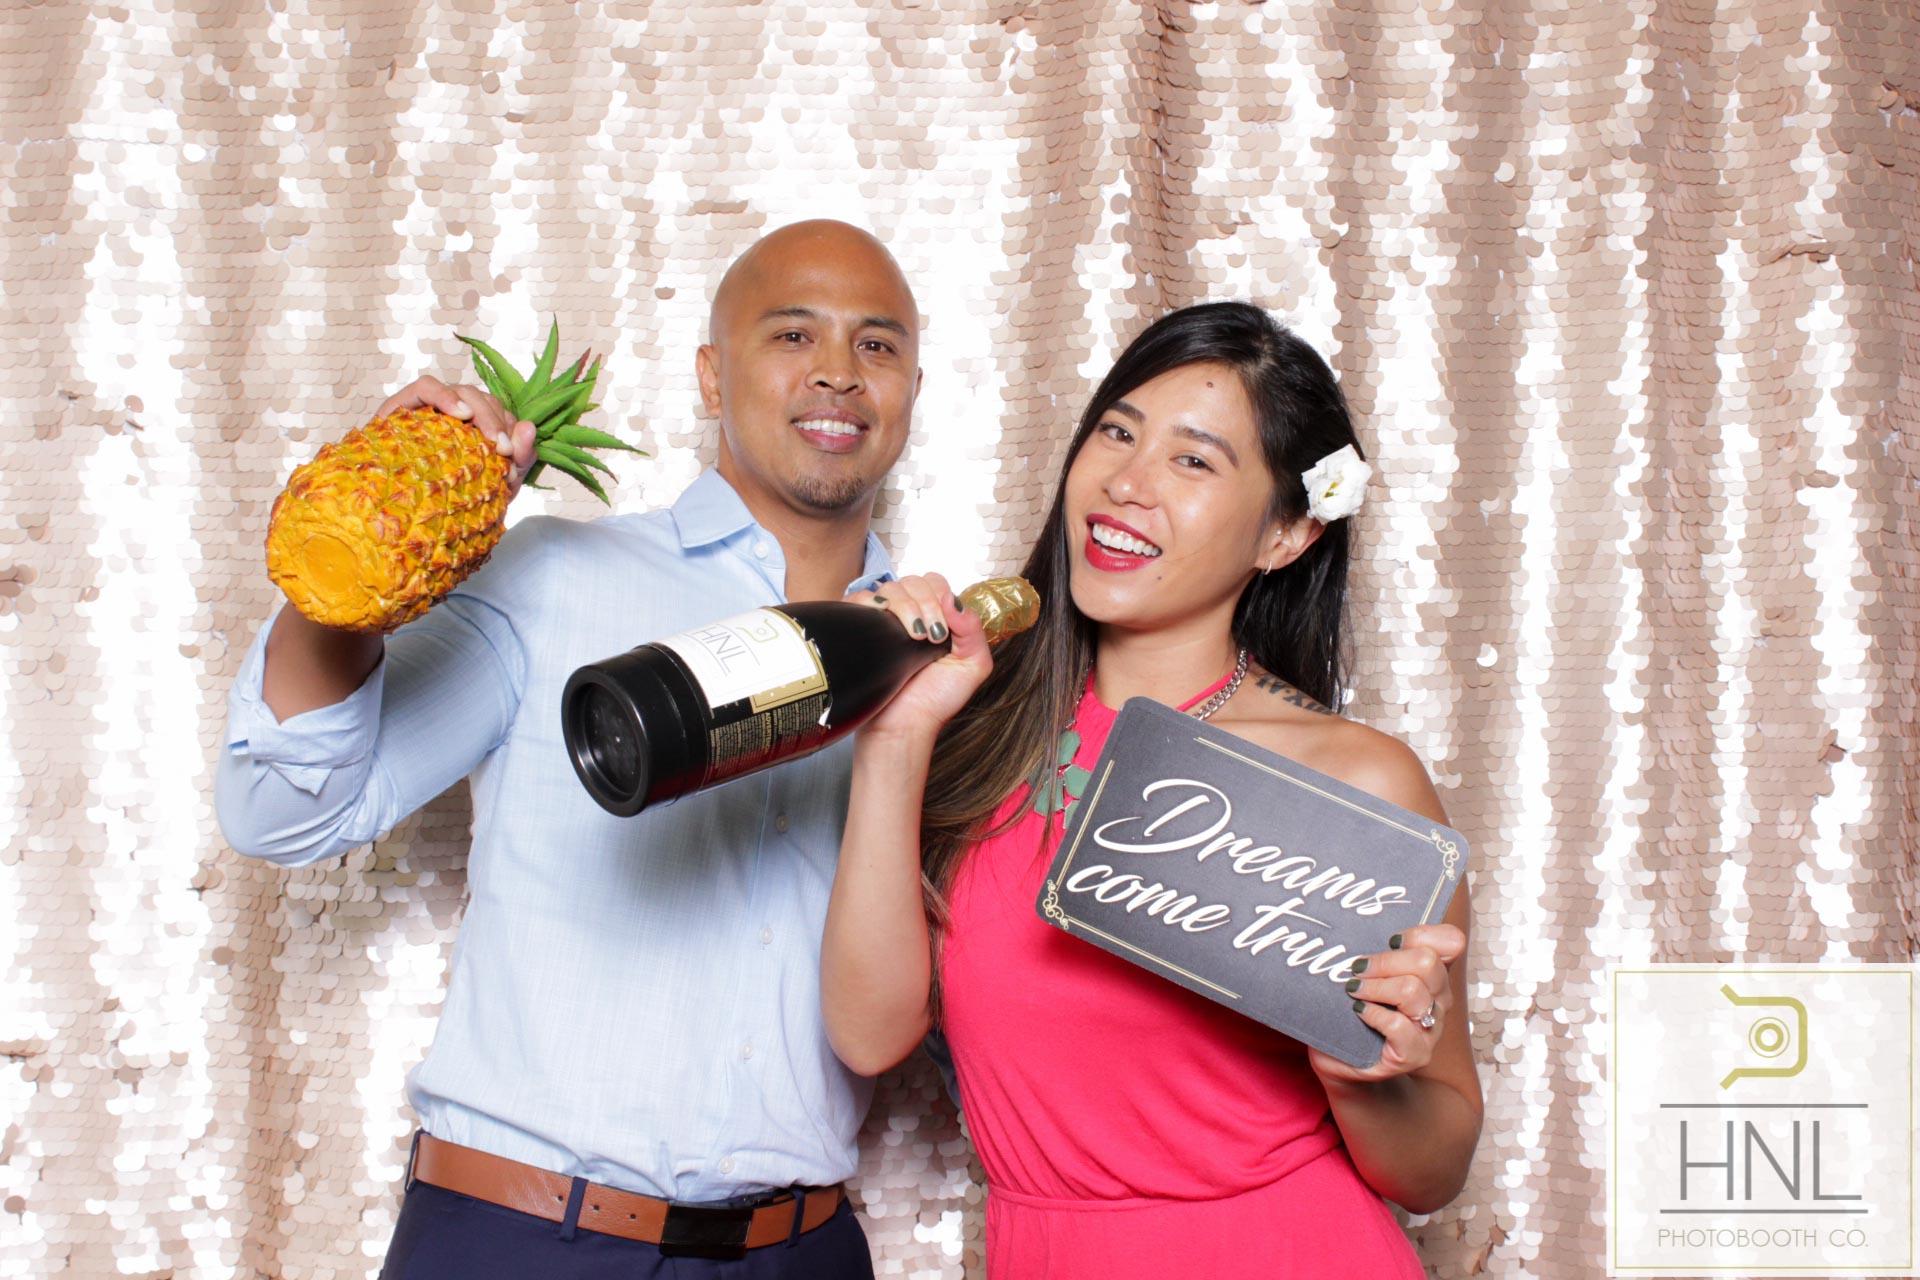 Kuinise and Matalasi Wedding Sunset Ranch Hawaii Oahu Honolulu Hawaii (147 of 216).jpg